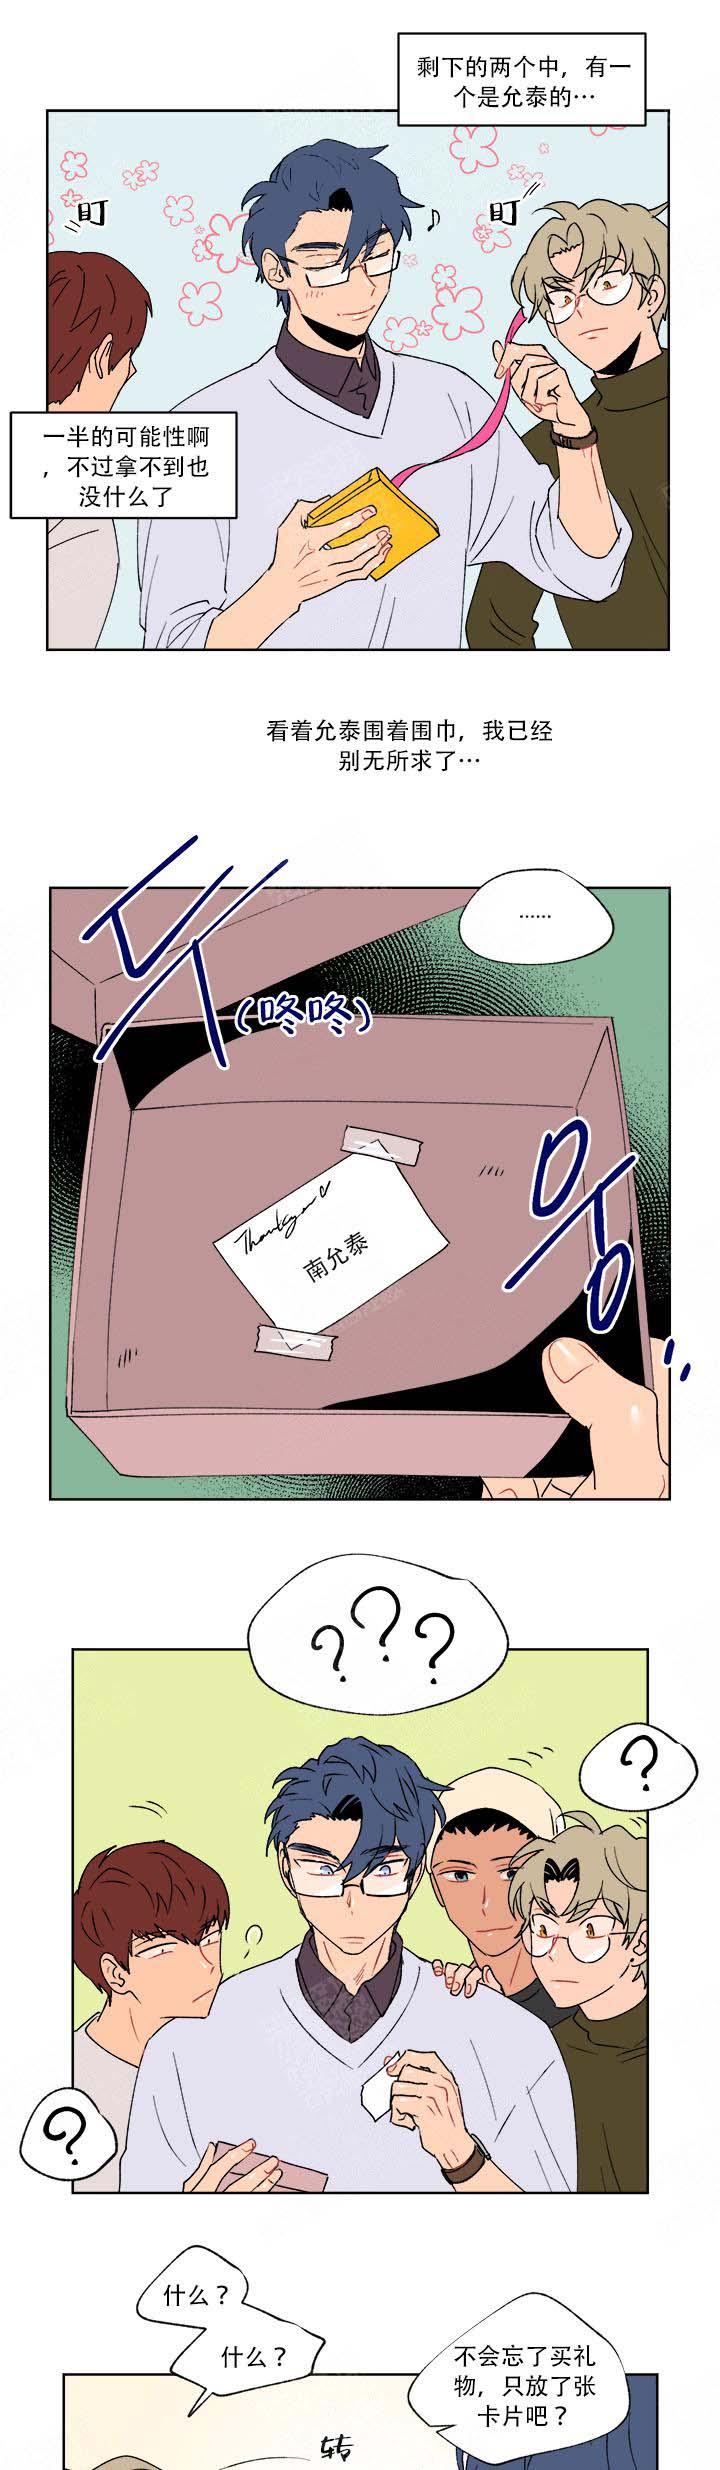 浪漫箱子-免费漫画完整版全集在线阅读连载-啵乐漫画